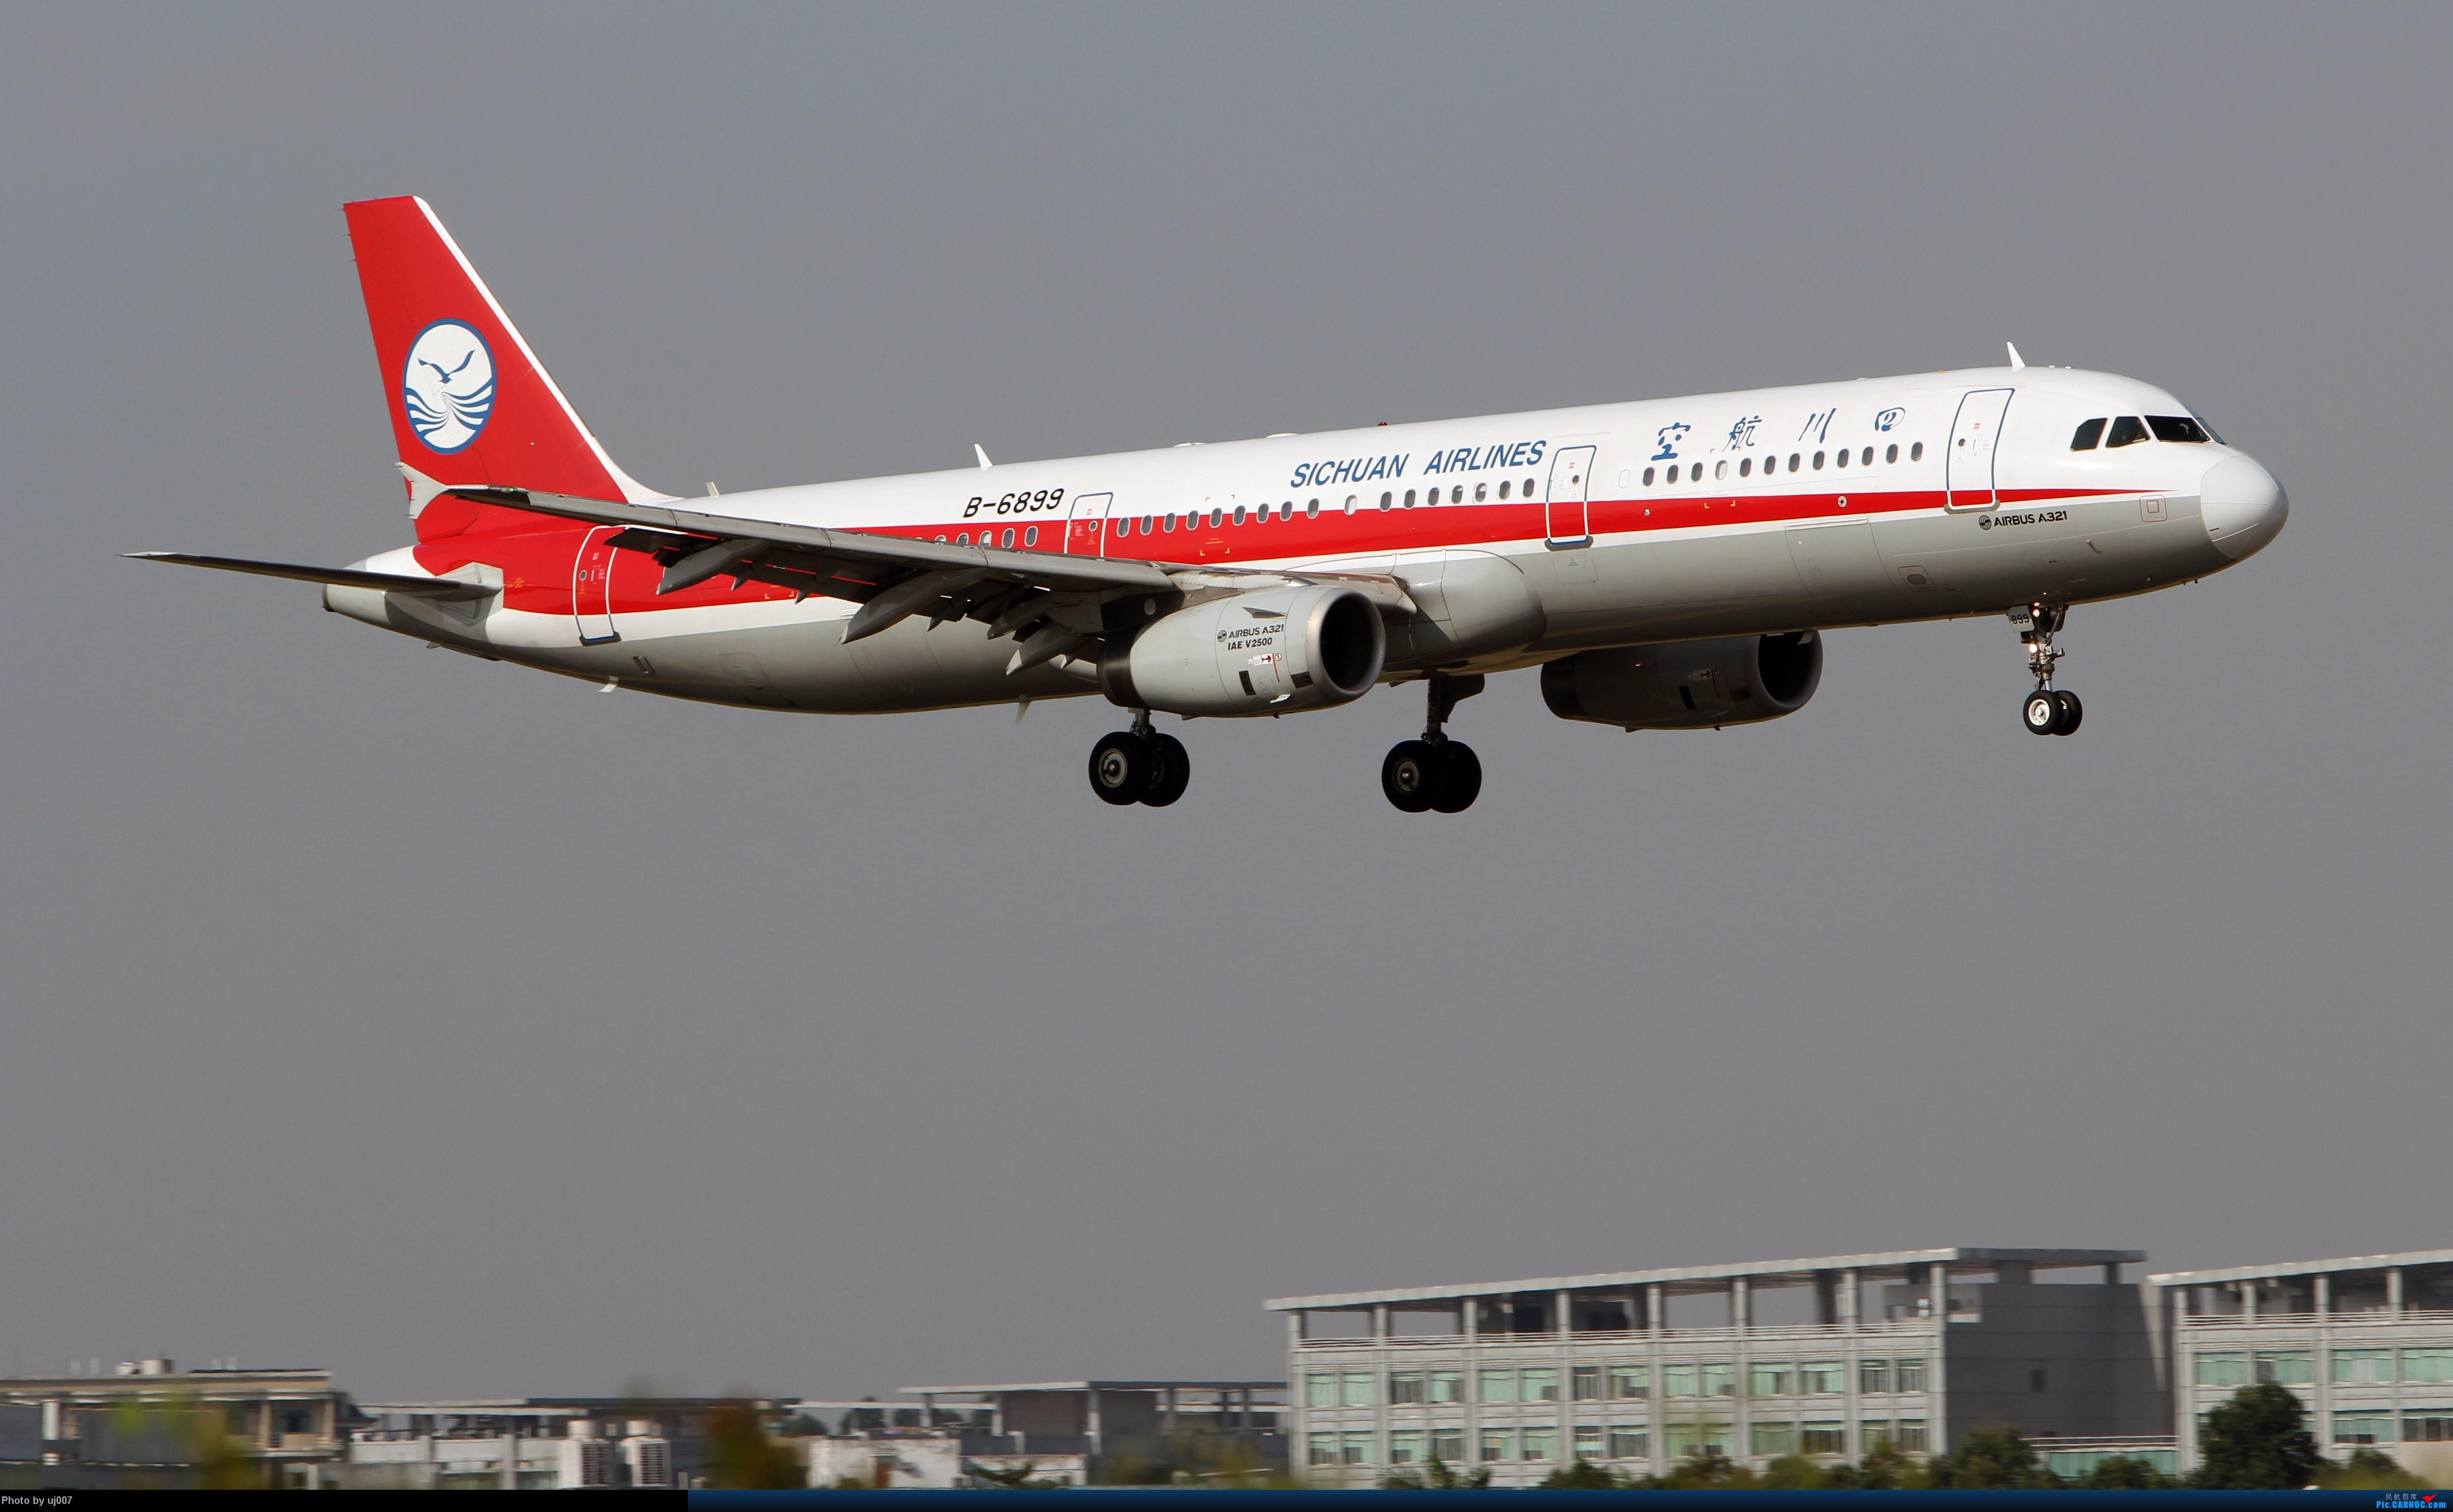 Re:[原创]10月2日白云拍机(大飞机,特别妆,外航,闪灯,擦烟)求指点. AIRBUS A321-200 B-6899 广州白云国际机场